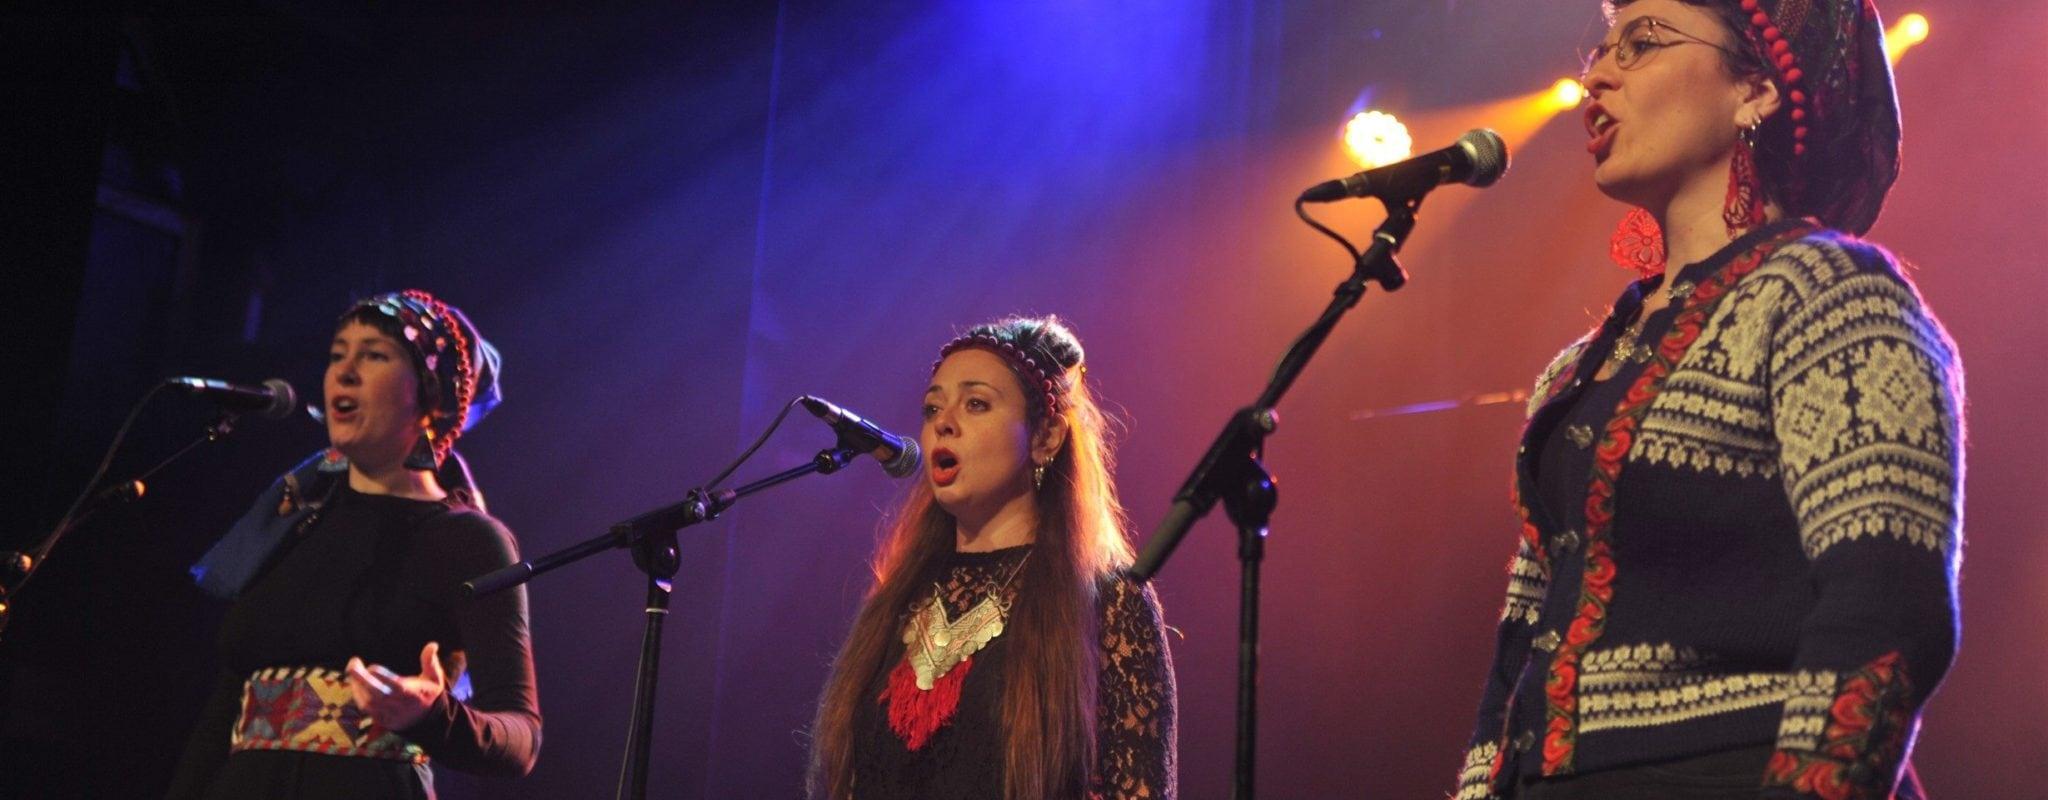 Le Kitsch à l'heure des Balkans avec le trio de chants bulgares Ispolin